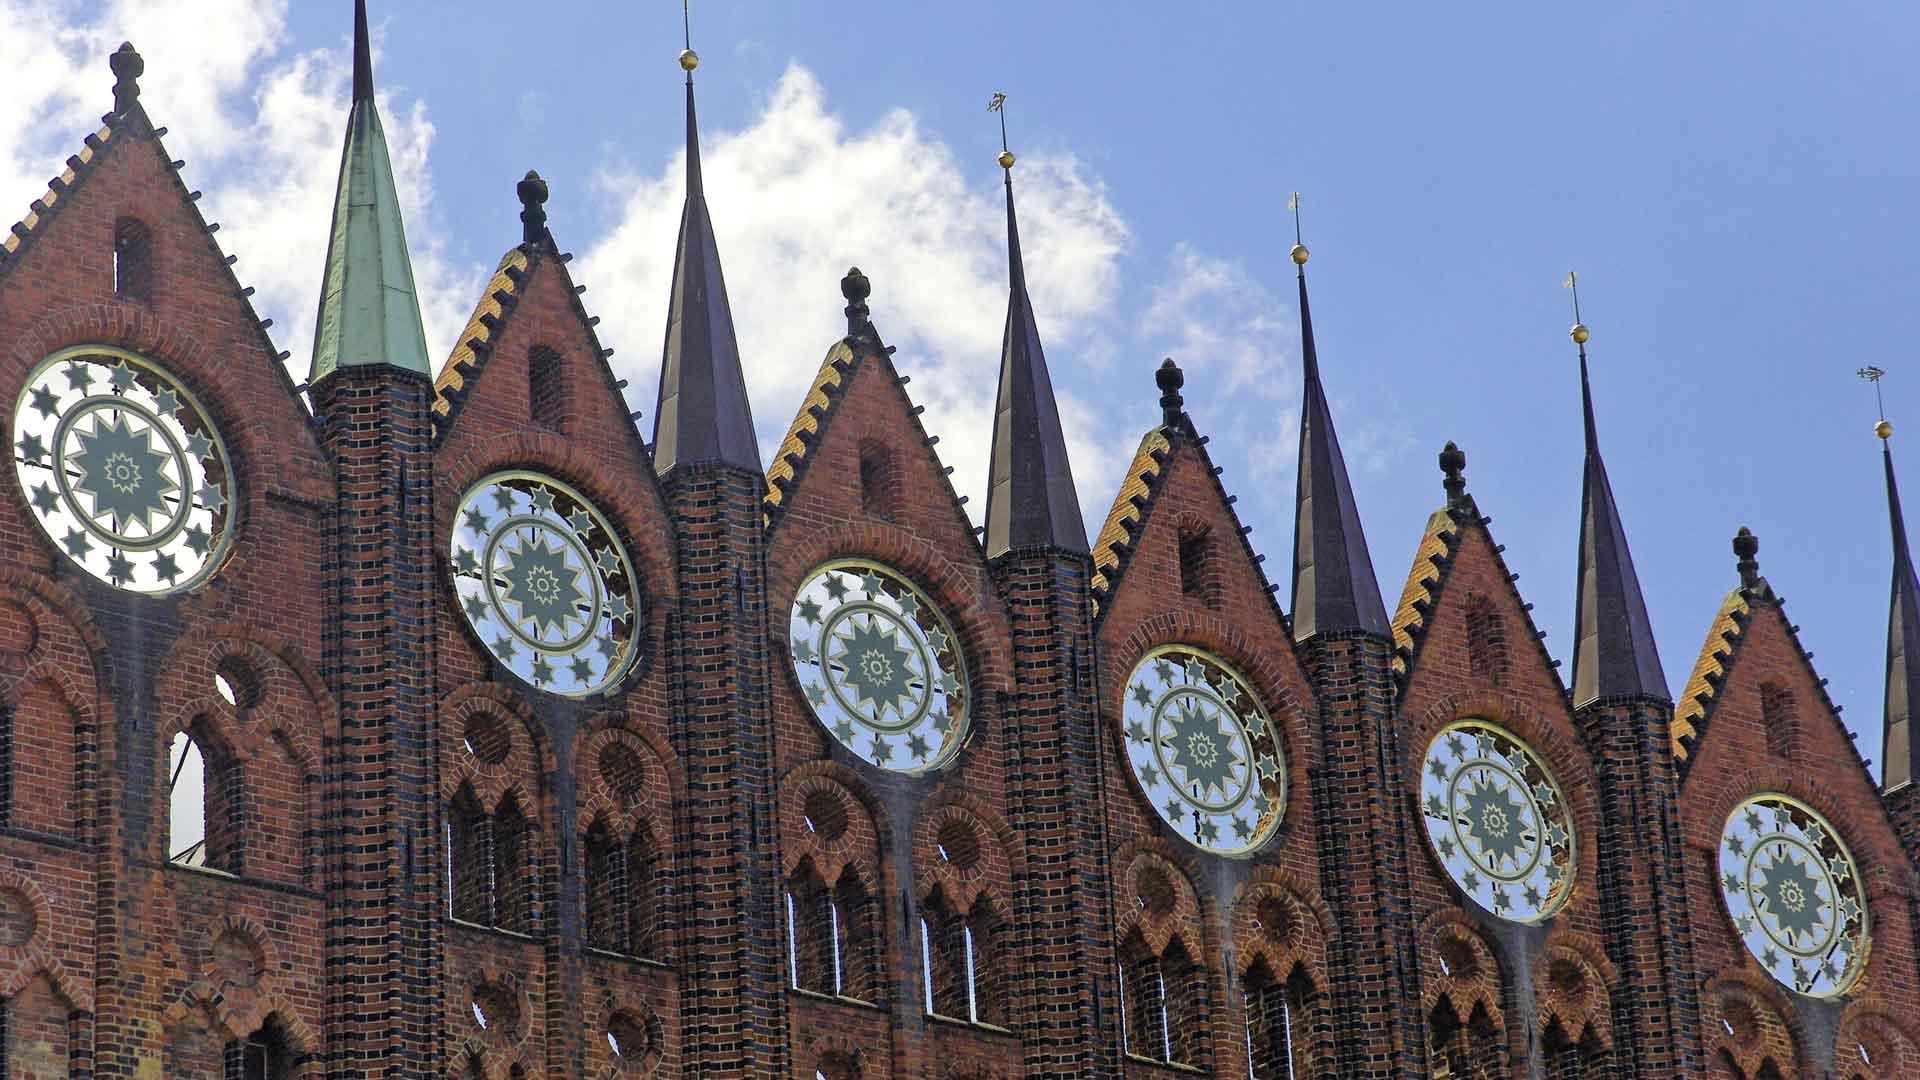 Het stadhuis van Stralsund in de stijl van de baksteengotiek staat op de werelderggoedlijst. © R.-Andreas Klein - fotolia.com